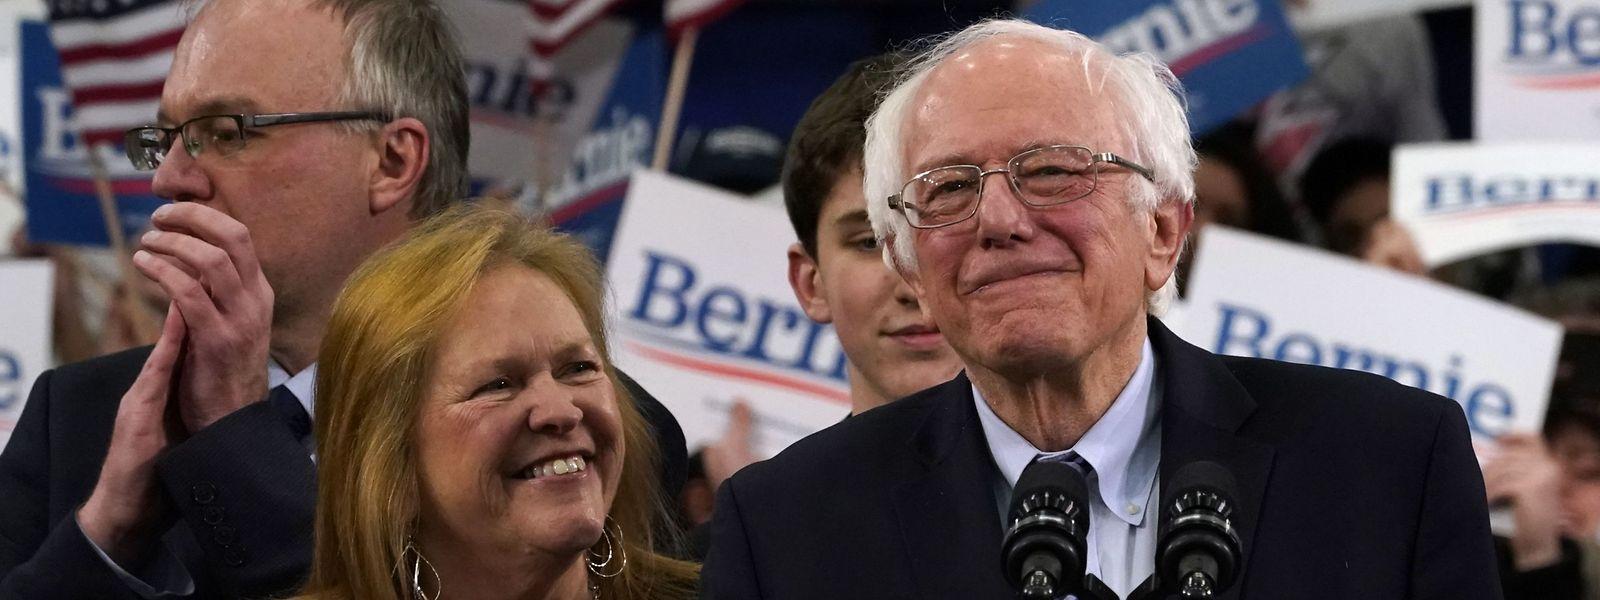 Senator Bernie Sanders, hier mit seiner Frau Jane O'Meara-Sanders, hat in New Hampshire das Rennen gemacht.